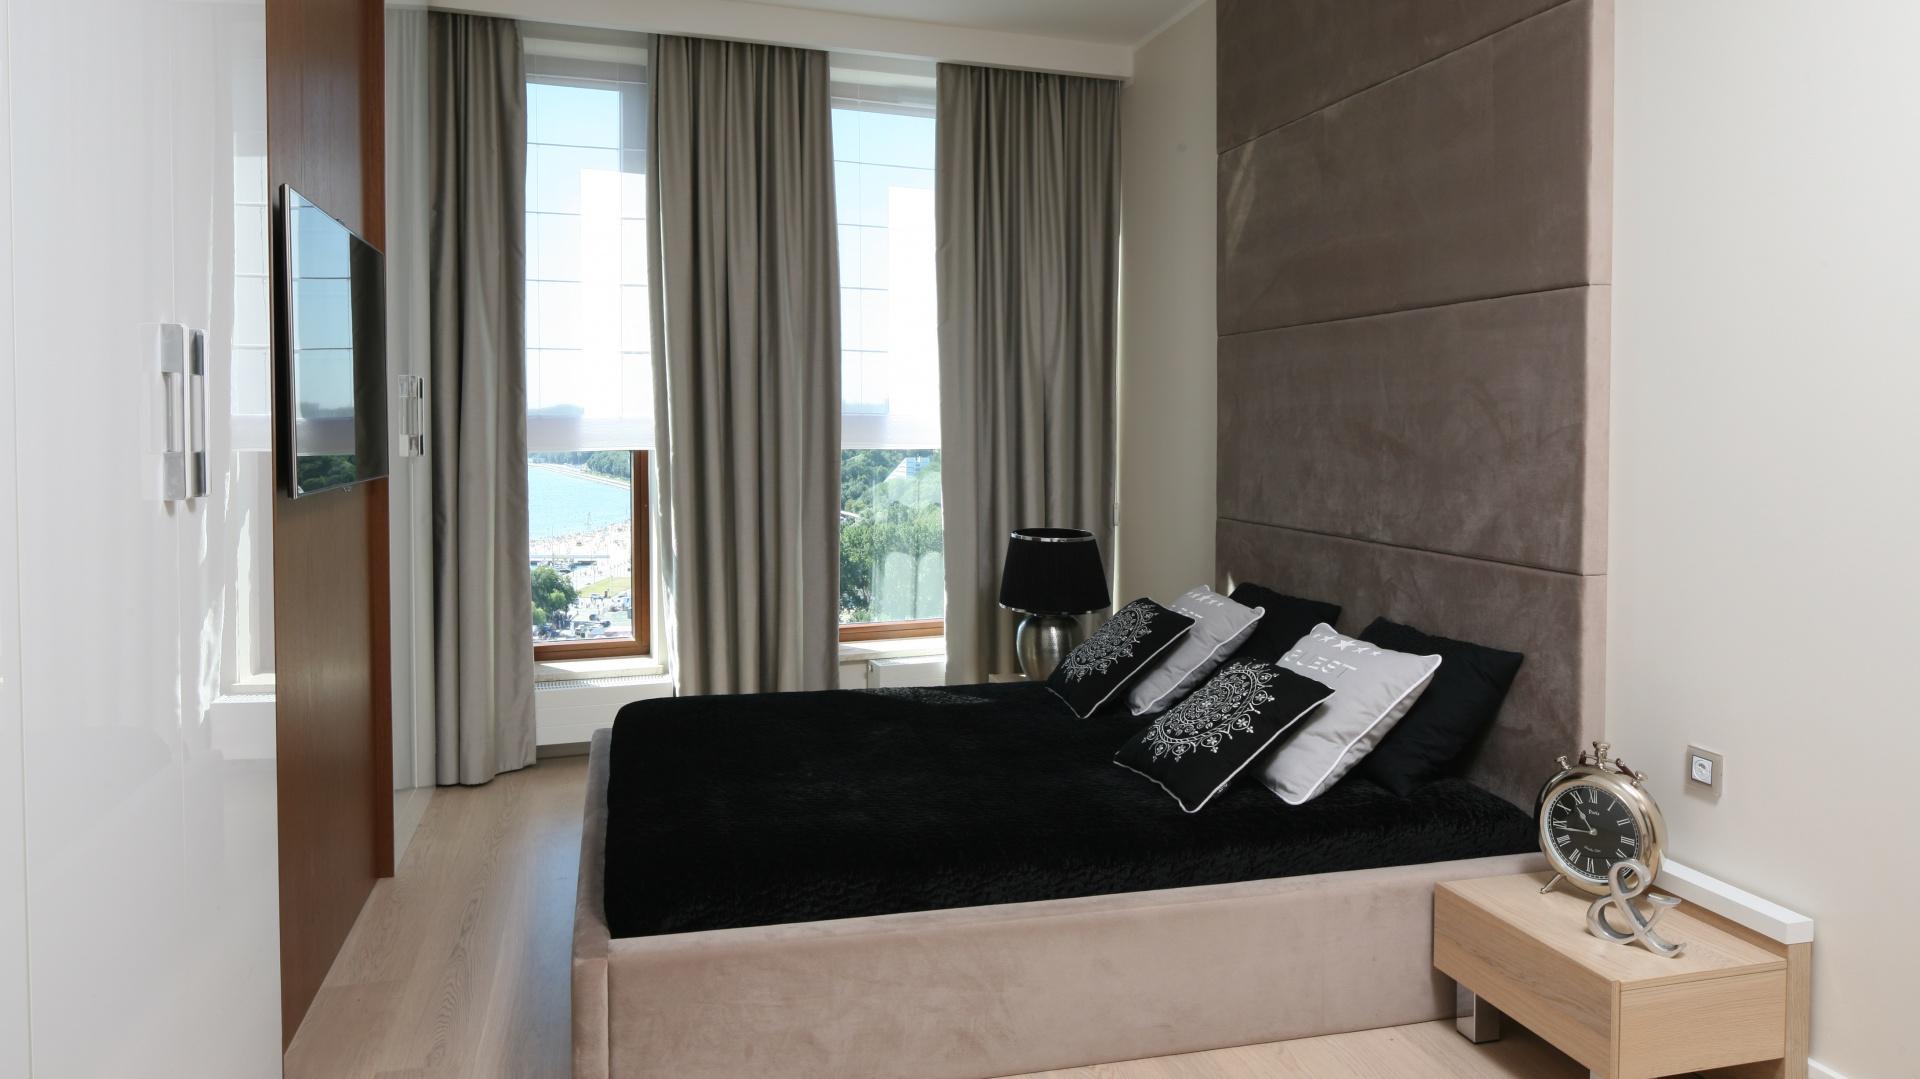 Telewizor W Sypialni Pomysły Architektów Na Aranżację